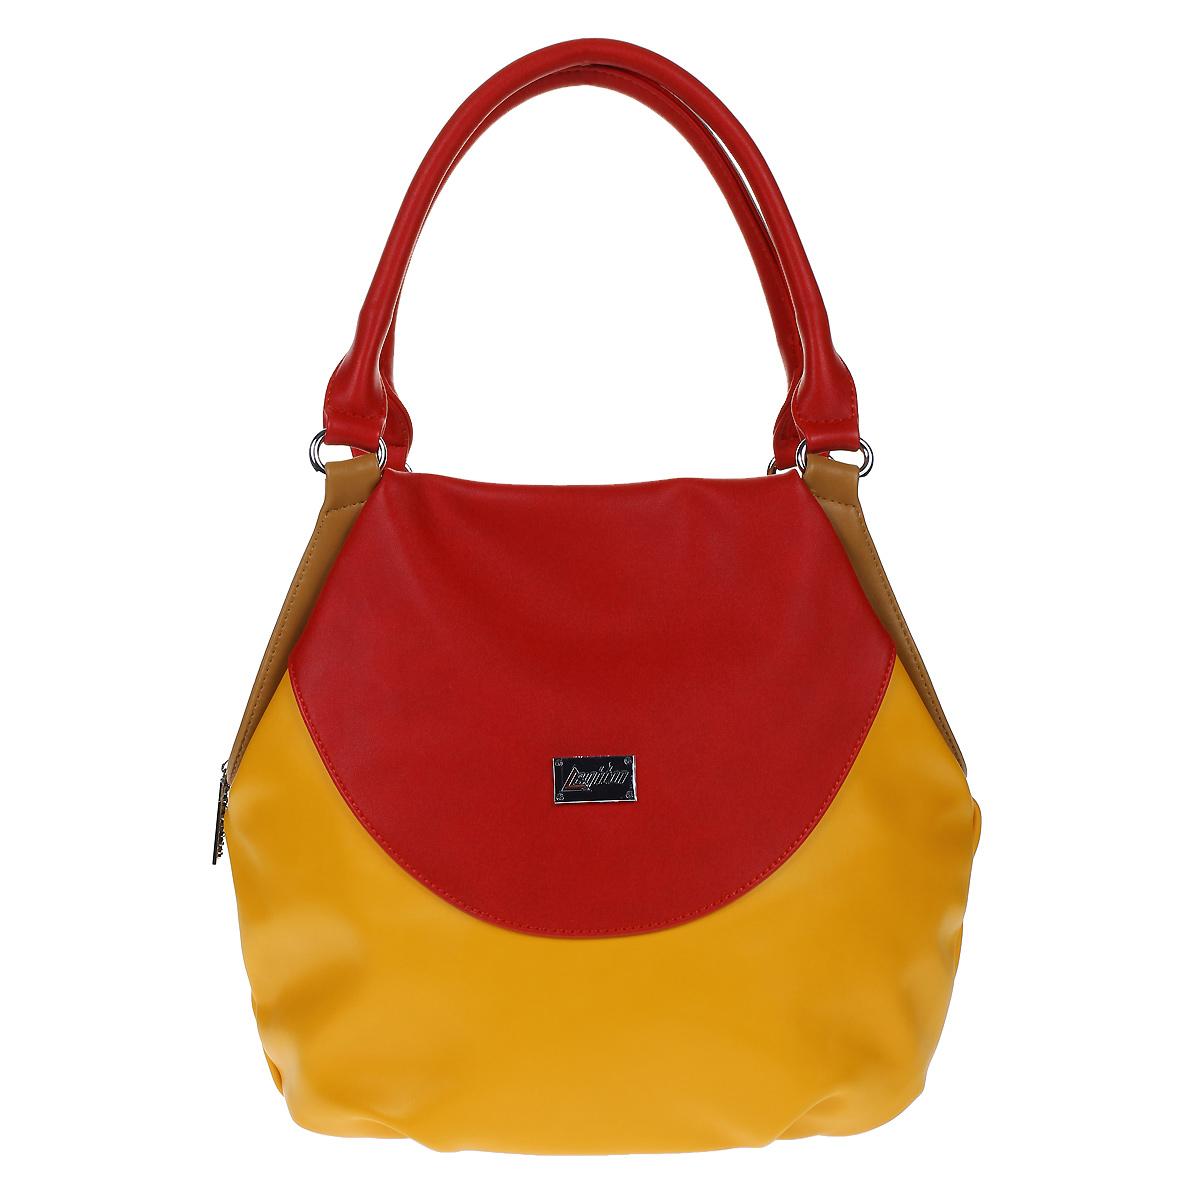 """Сумка женская """"Leighton"""", цвет: оранжевый, красный. 350198-1092 ( 350198-1092/826/1092/806/1092/620 )"""